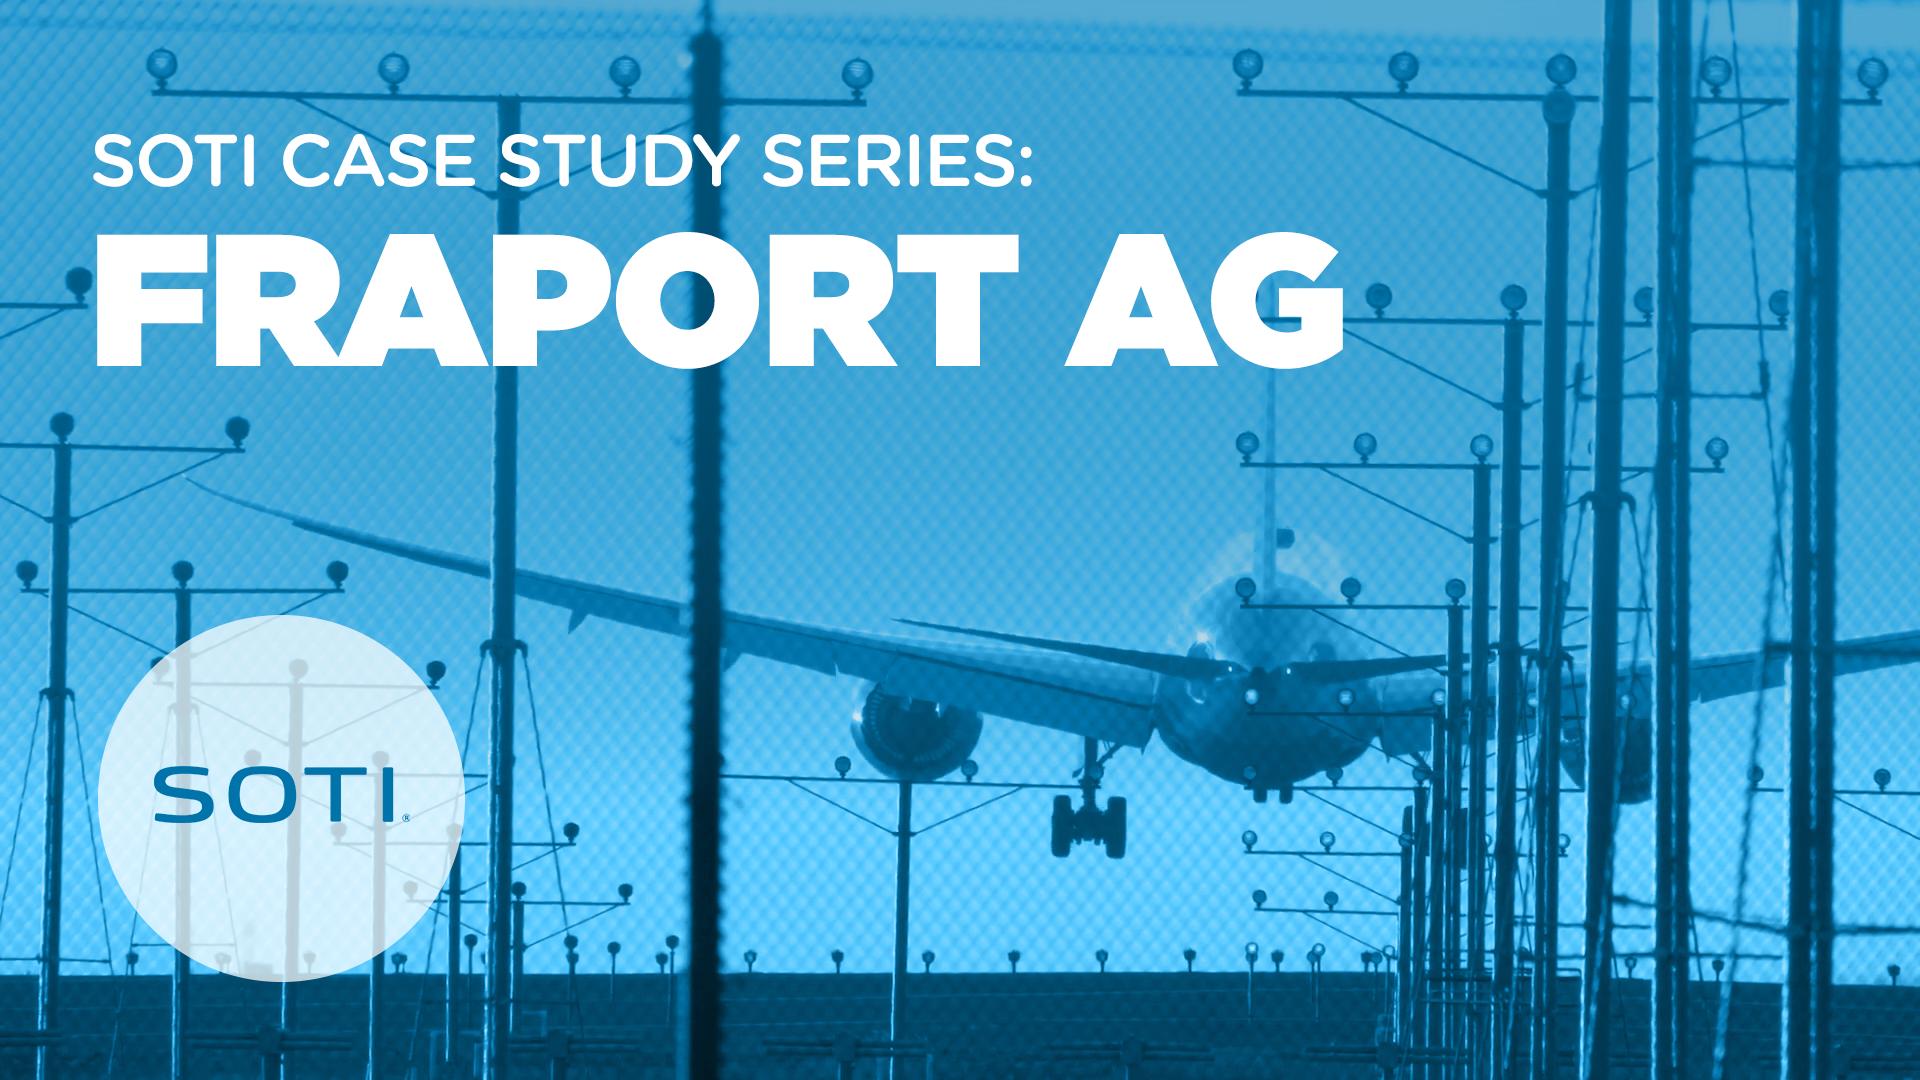 Fraport AG case study video